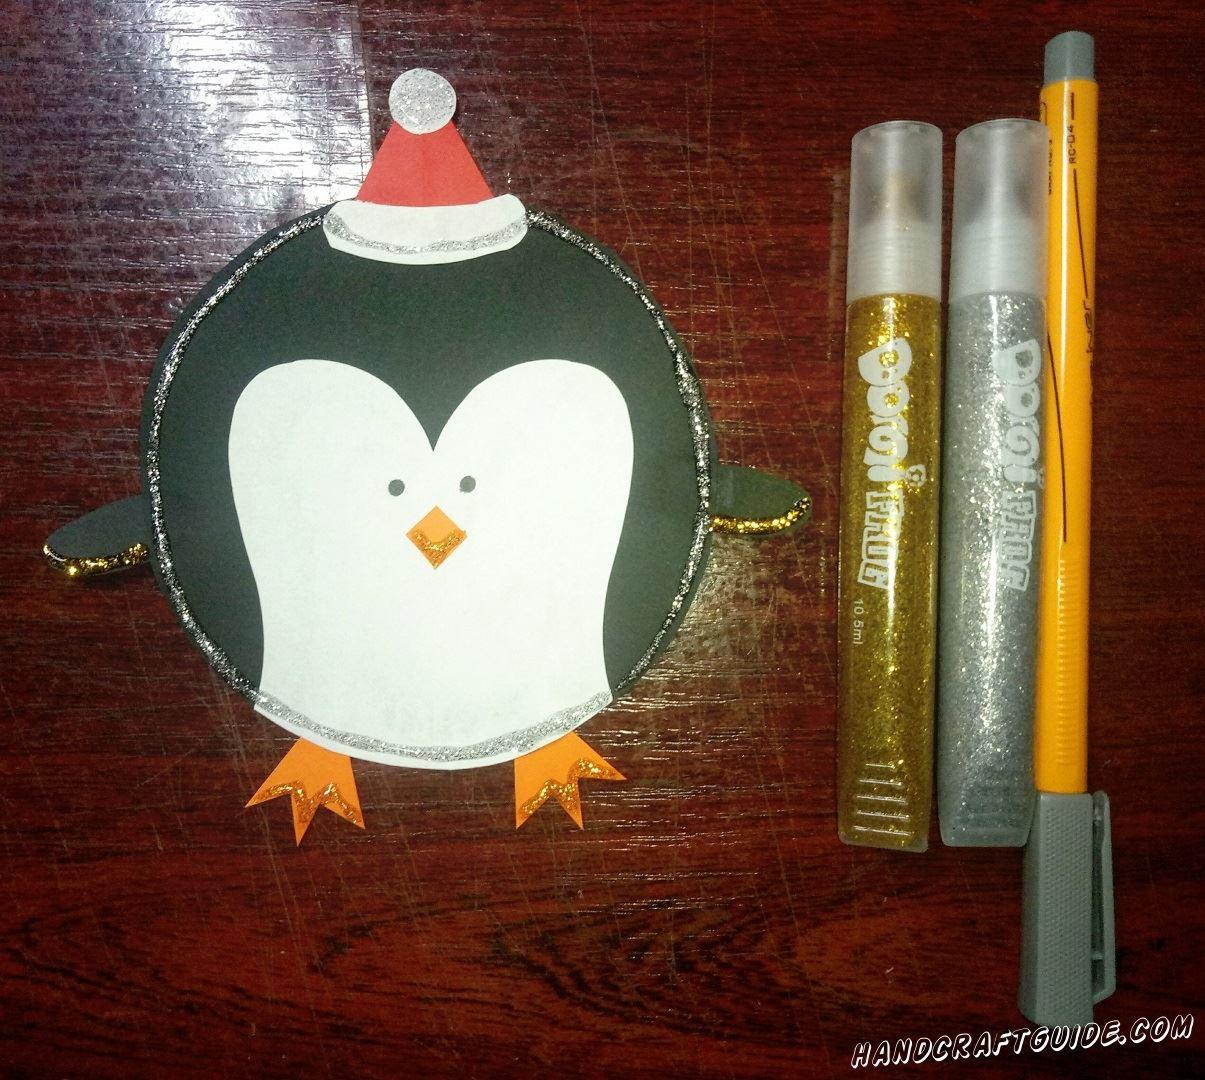 Дорисовываем глазки нашему пингвинчику и украшаем его блёстками